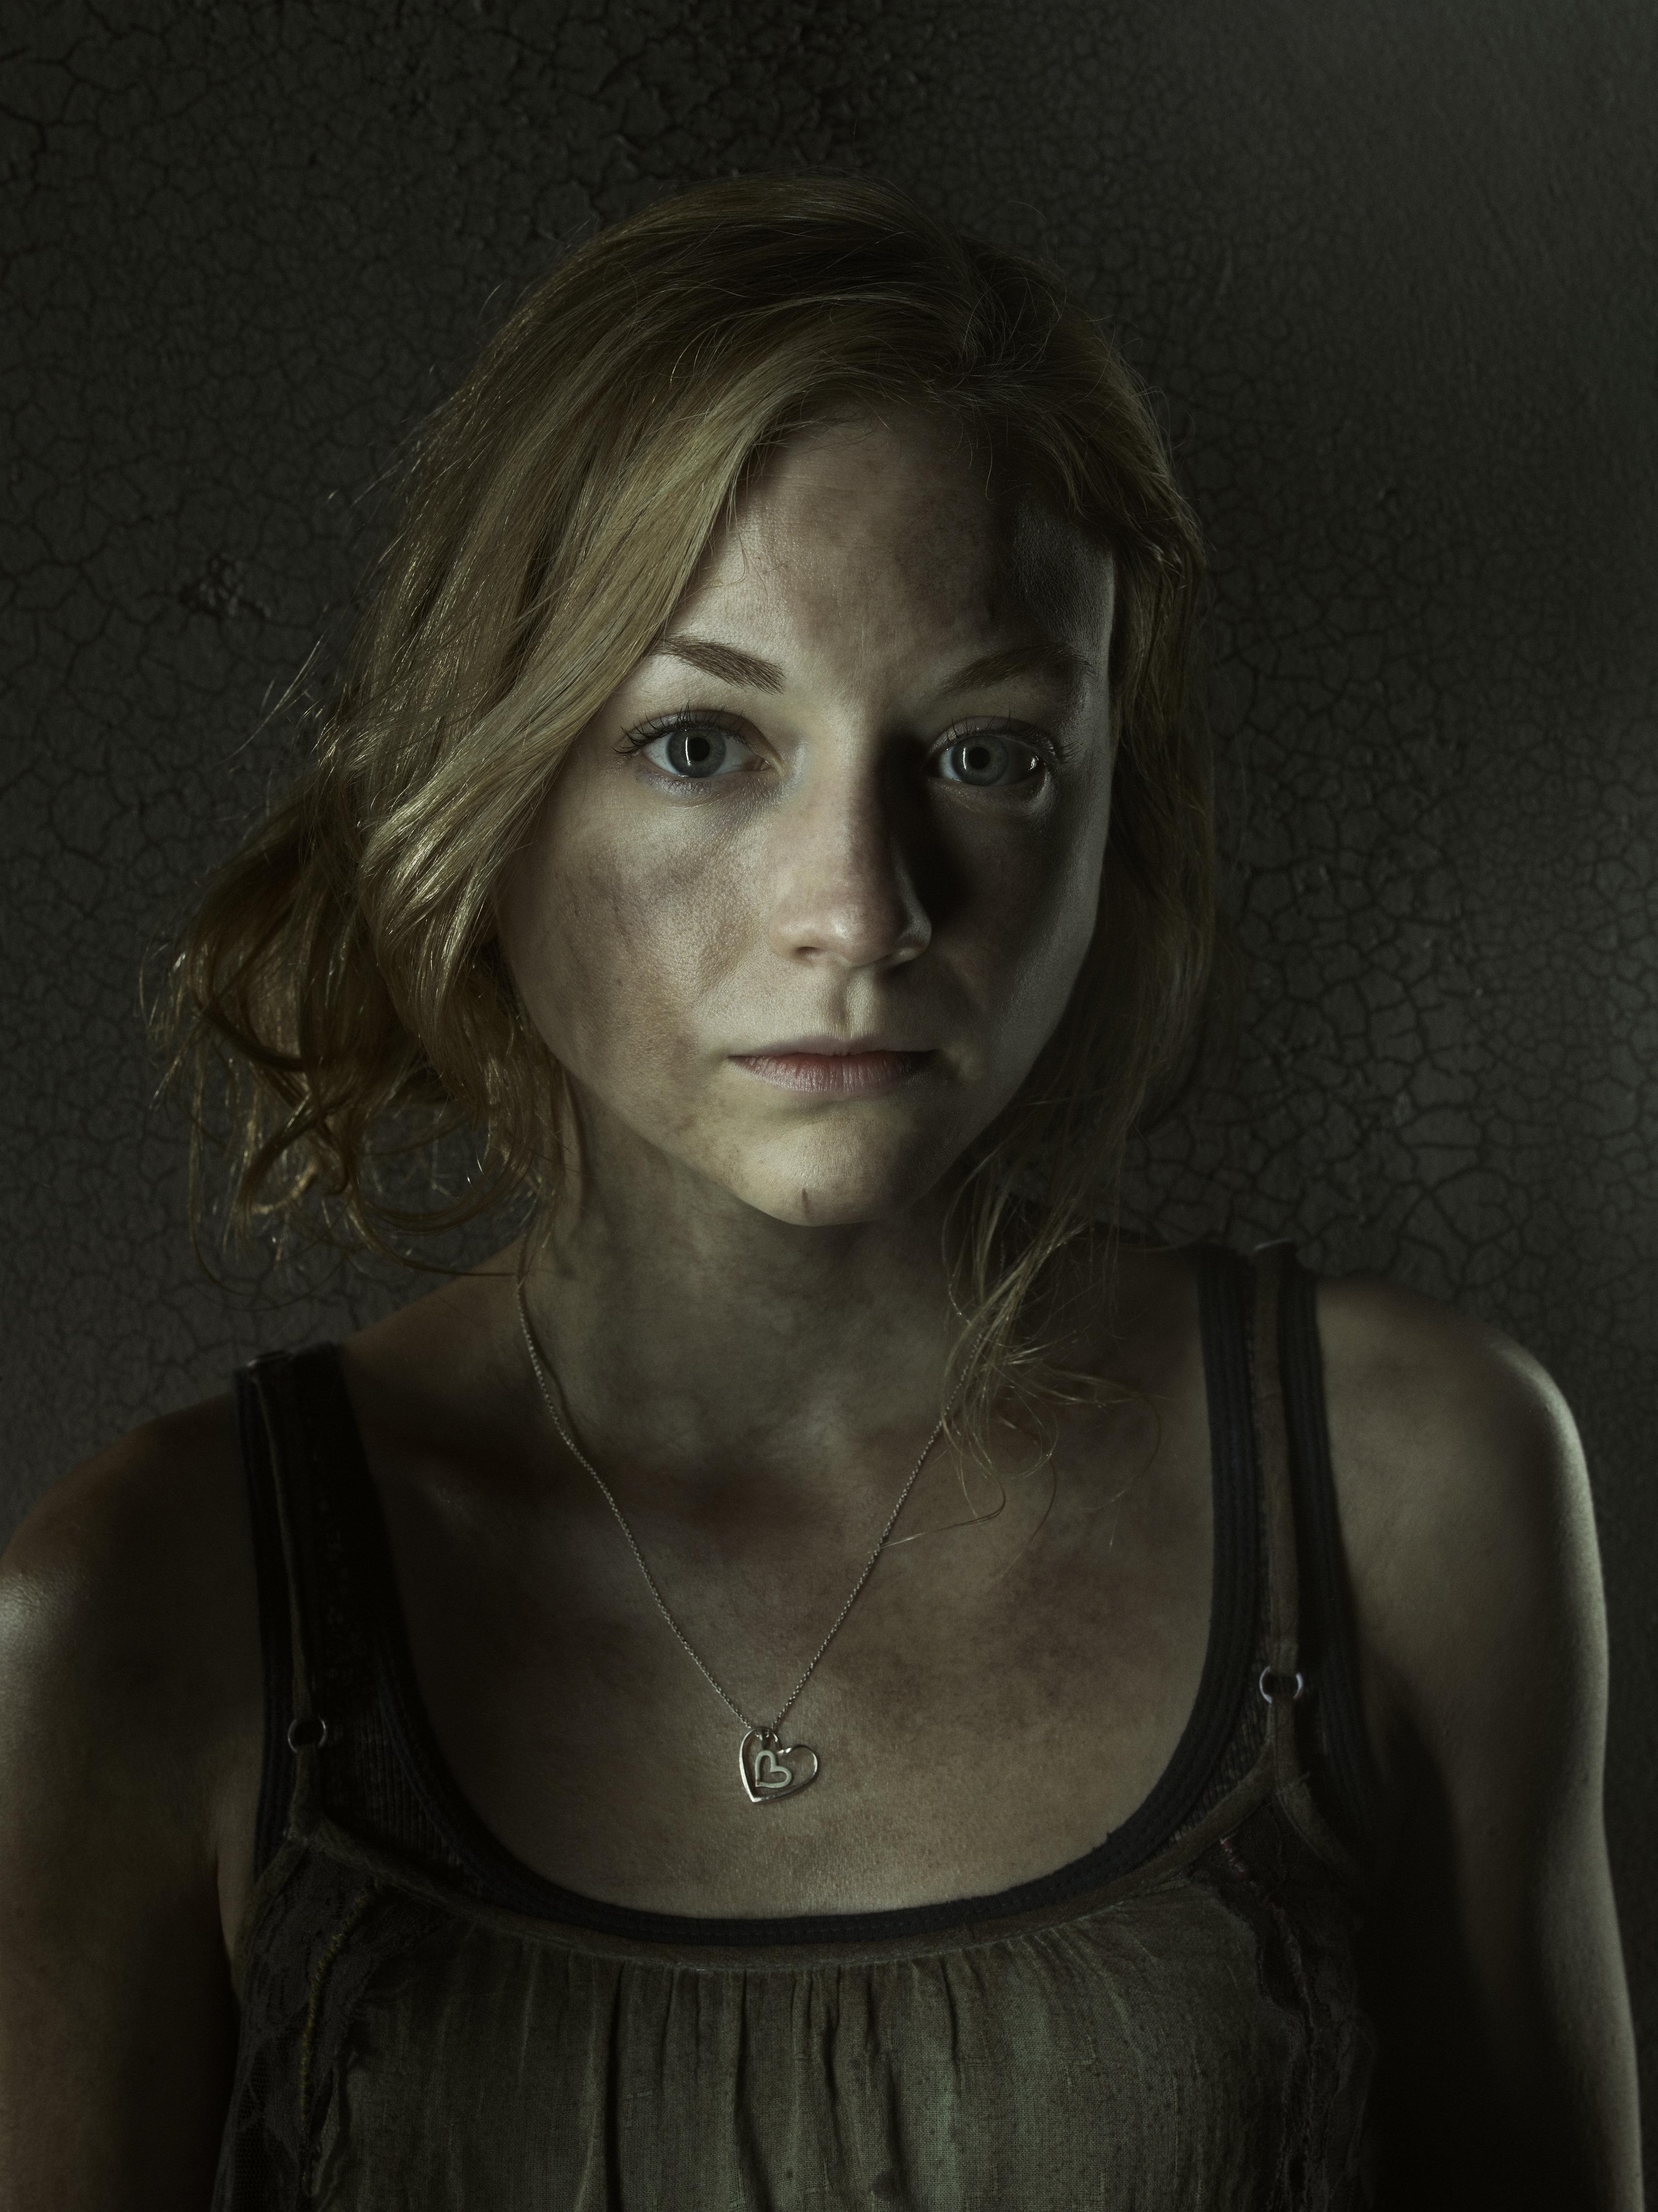 Beth Greene (The Walking Dead) por Ada Wong Beth-Greene-the-walking-dead-beth-greene-36868690-3366-4492